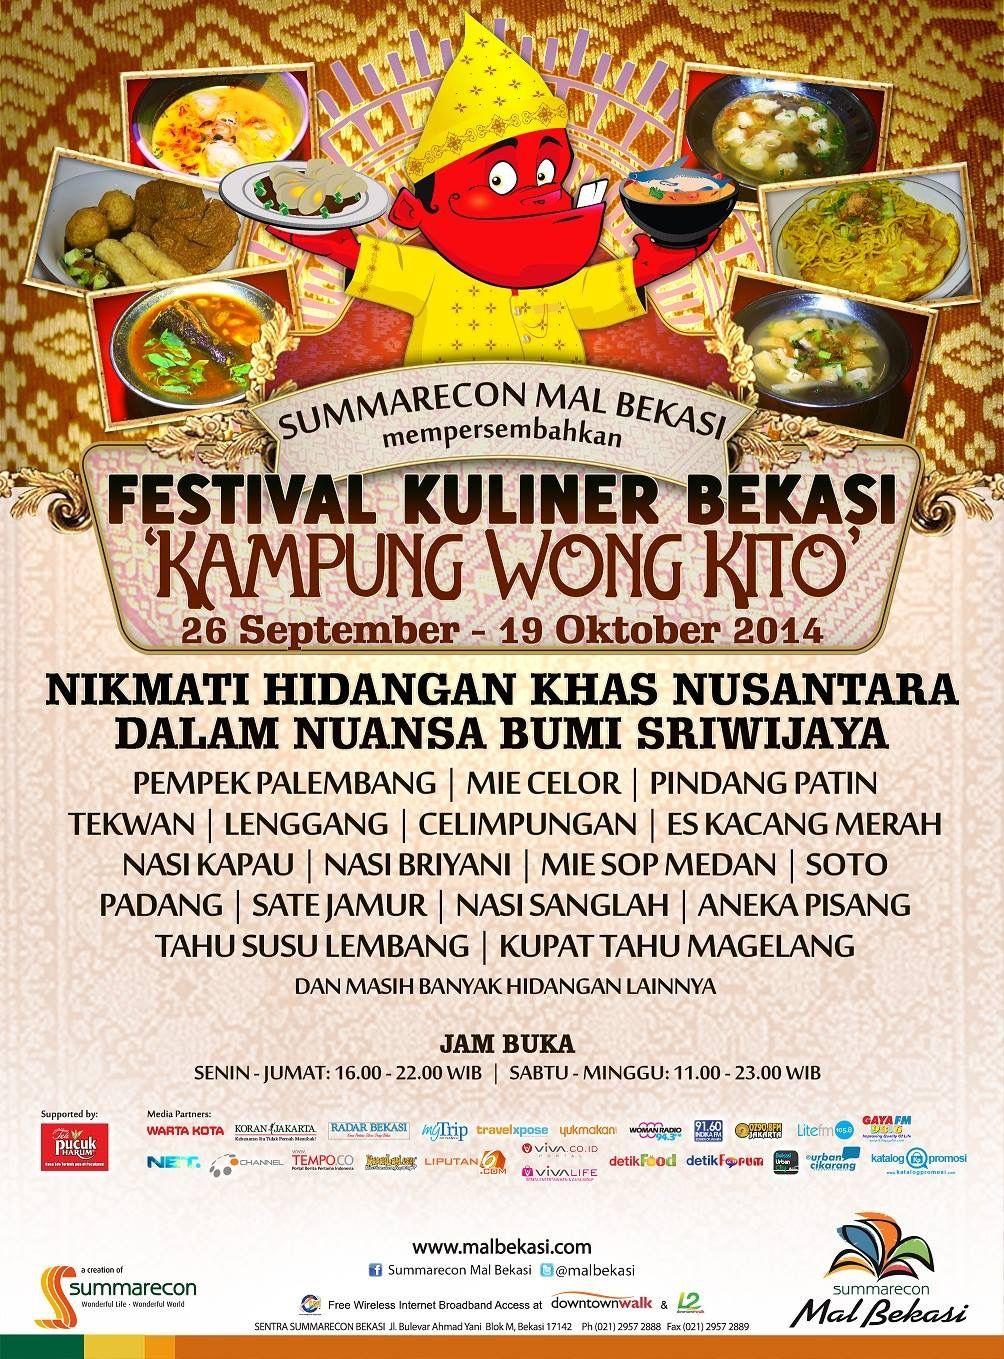 Pin Oleh Summarecon Mal Bekasi Di Event Smb 19 Oktober Festival Tahu